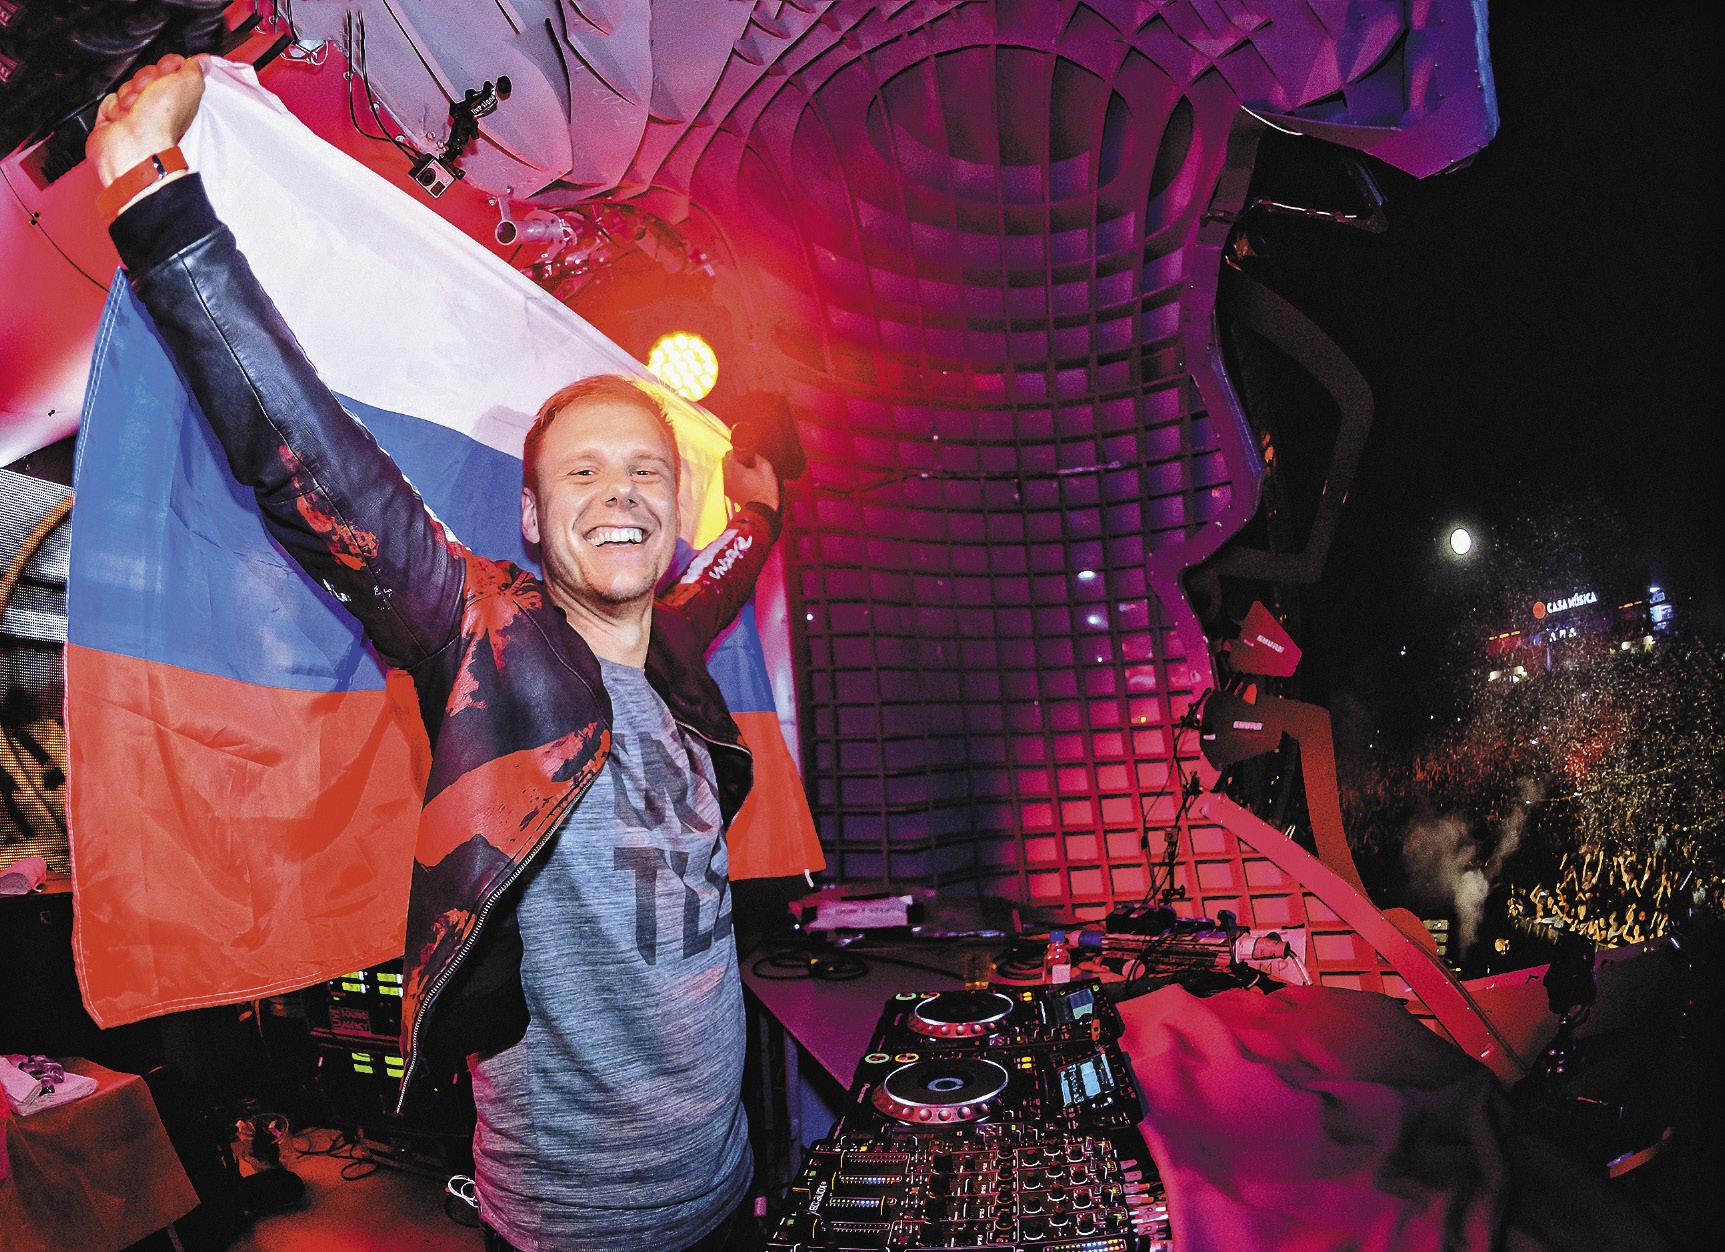 Звездный диджей Armin van Buuren не гнушался взрывать танцпол, размахивая российским триколором.